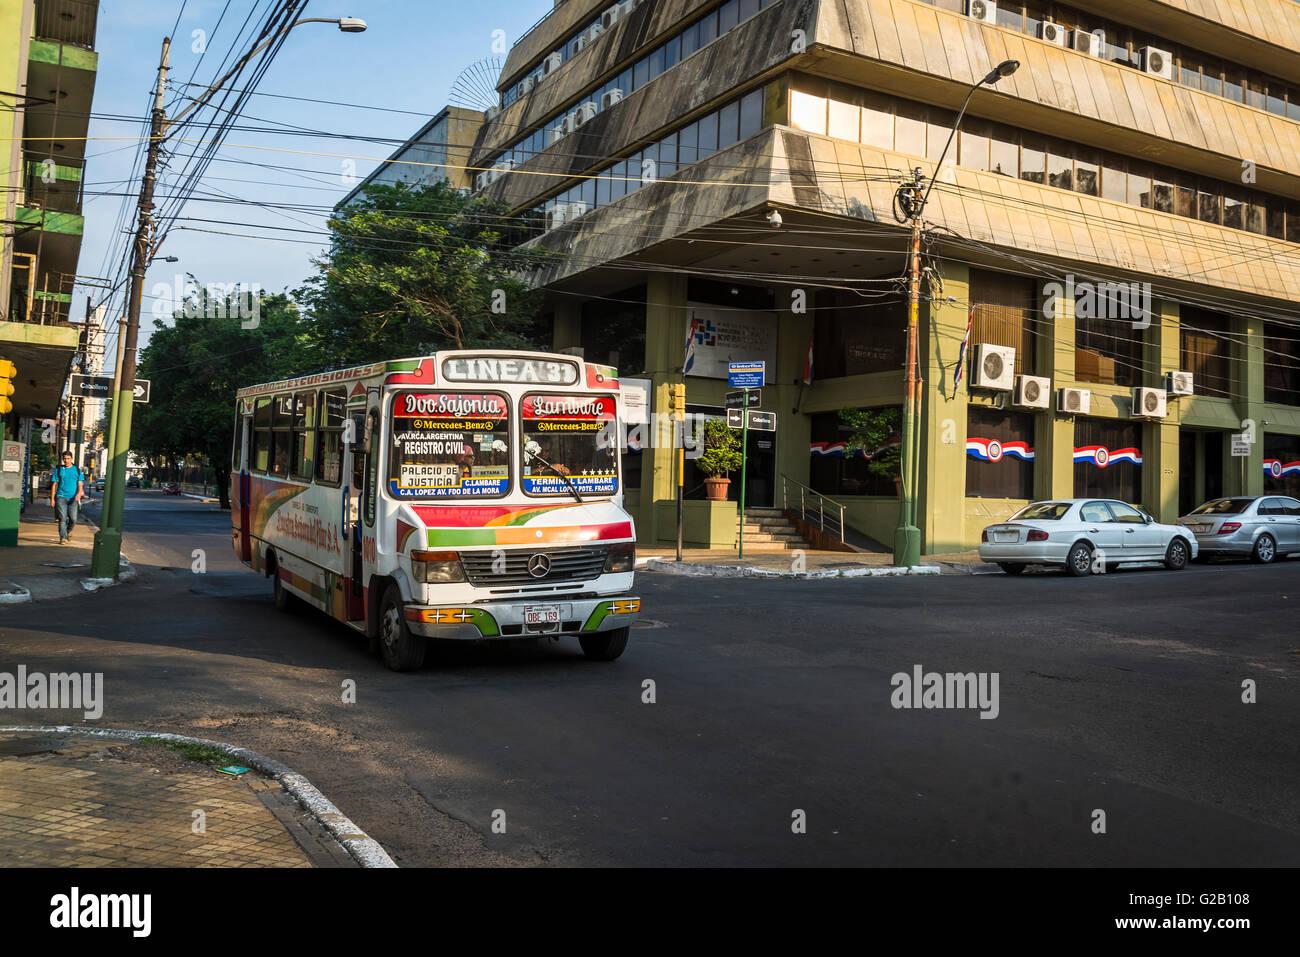 Typical bus, Asunción, Paraguay - Stock Image